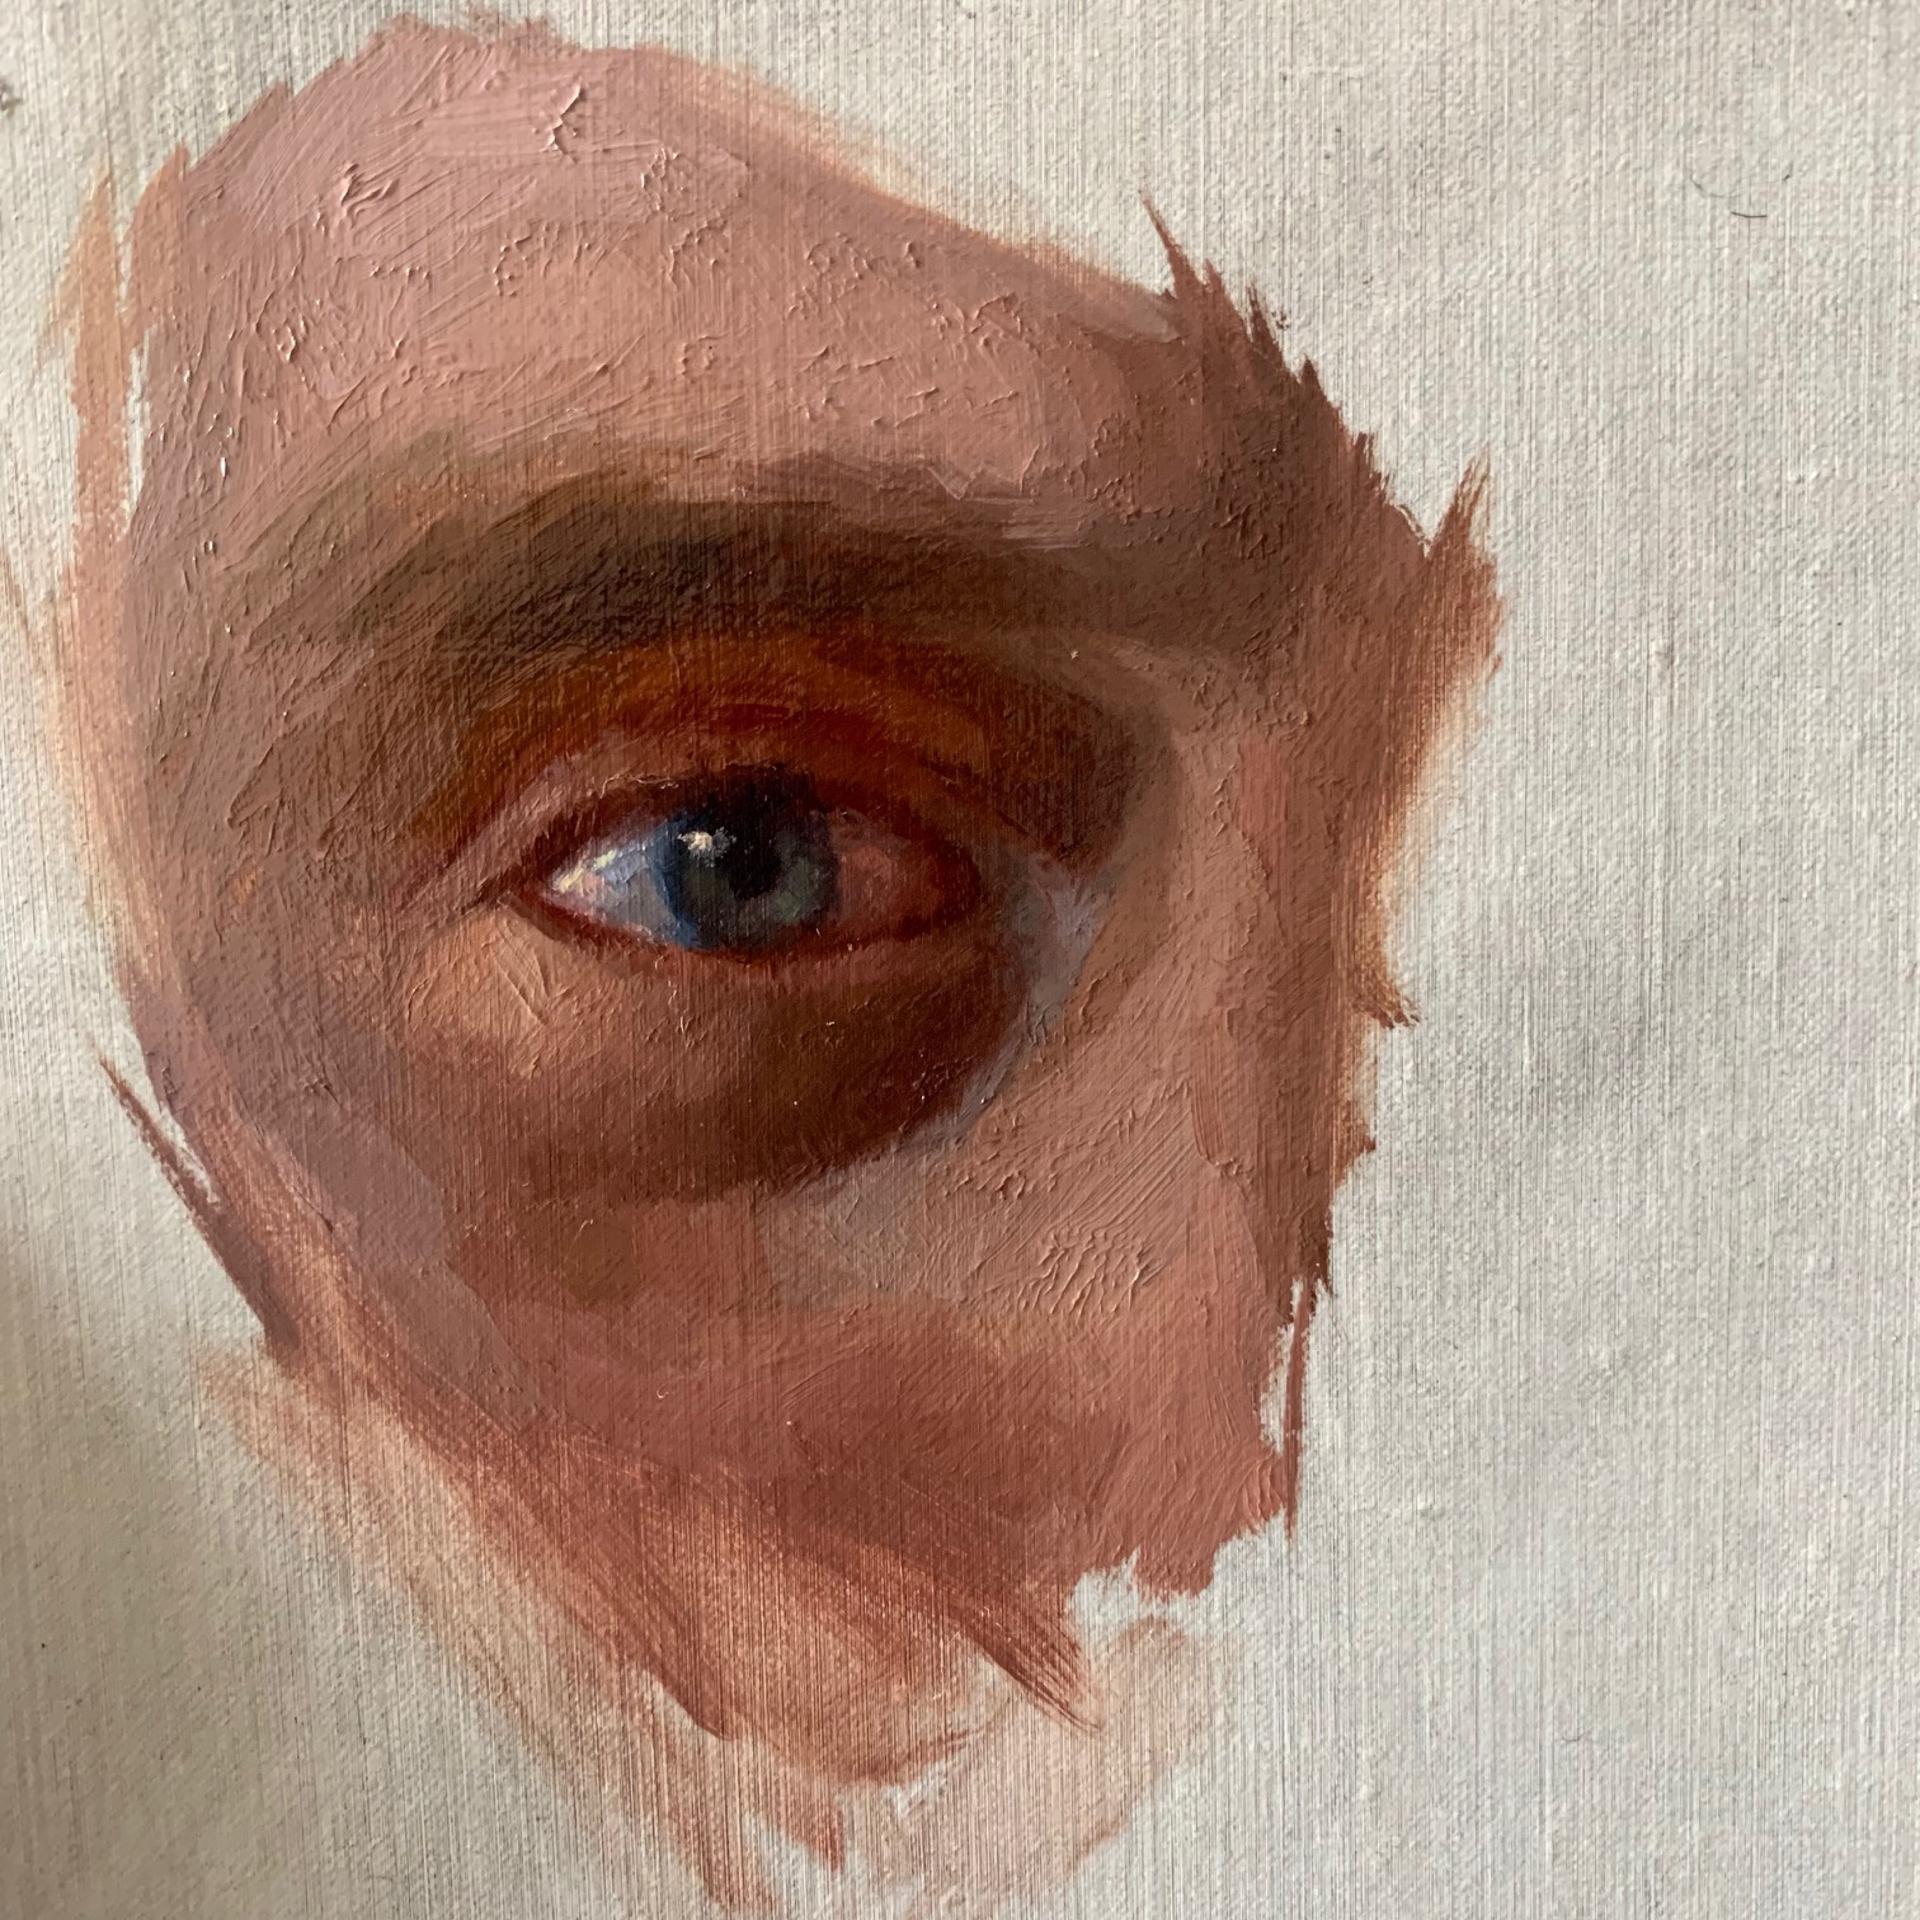 Self Portrait, Eye by Derek Harrison